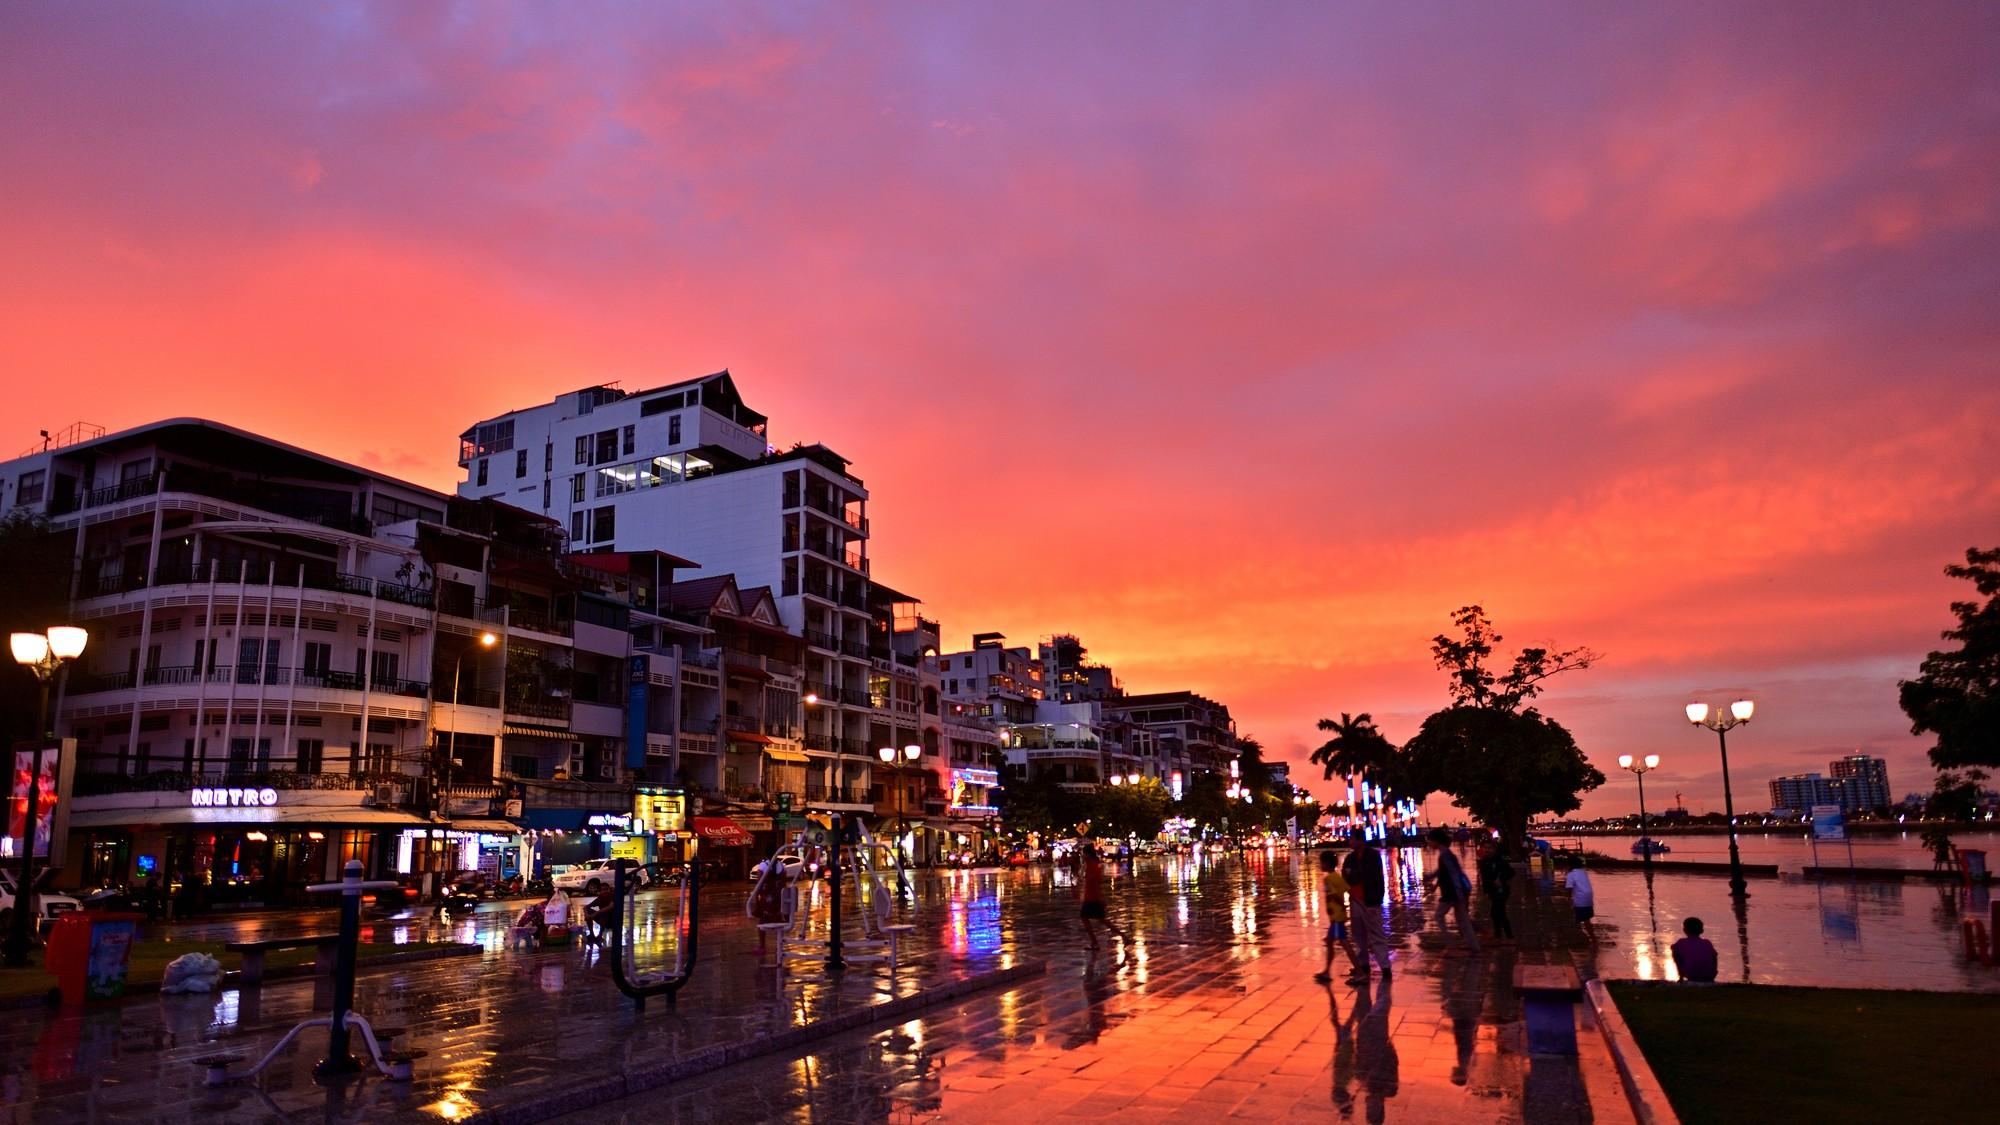 米ドル決済が可!?「カンボジア不動産」は投資先としてアリか?